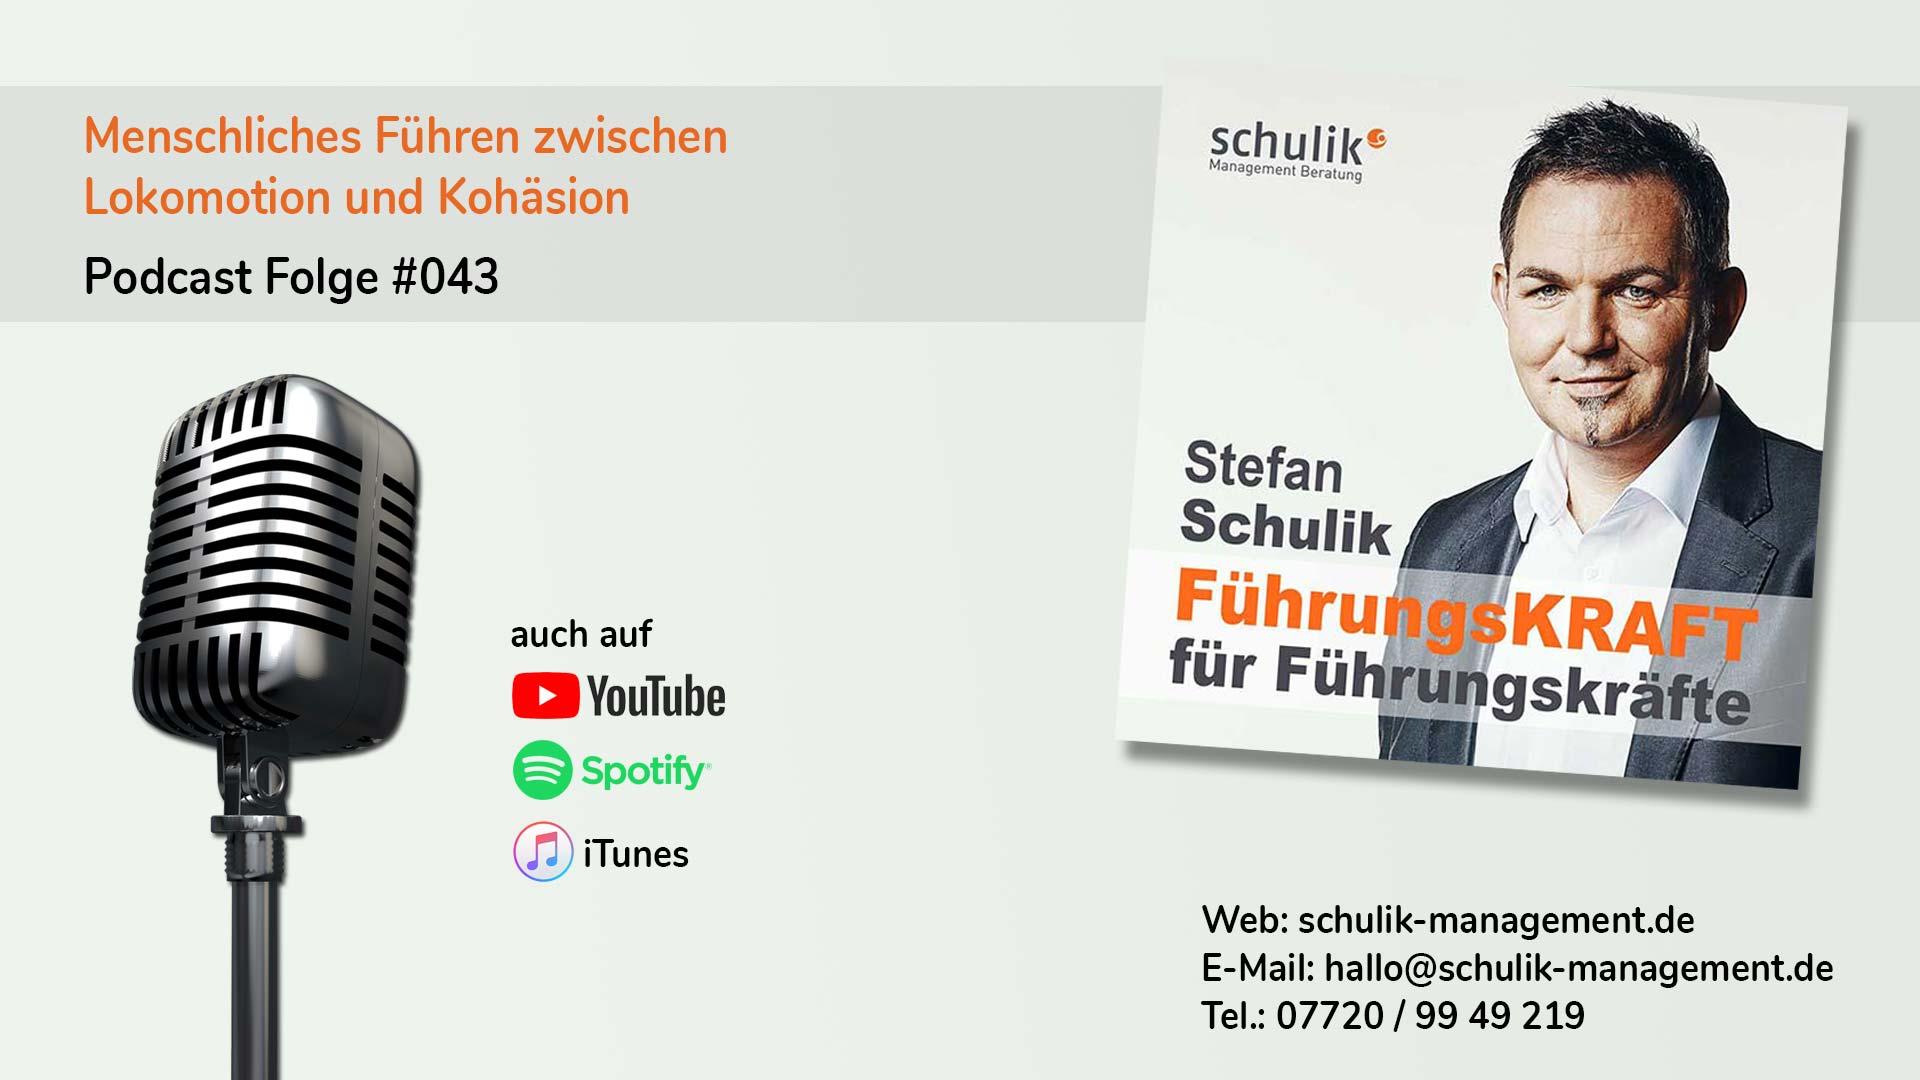 Menschliches Führen Zwischen Lokomotion Und Kohäsion – Podcast Folge #043